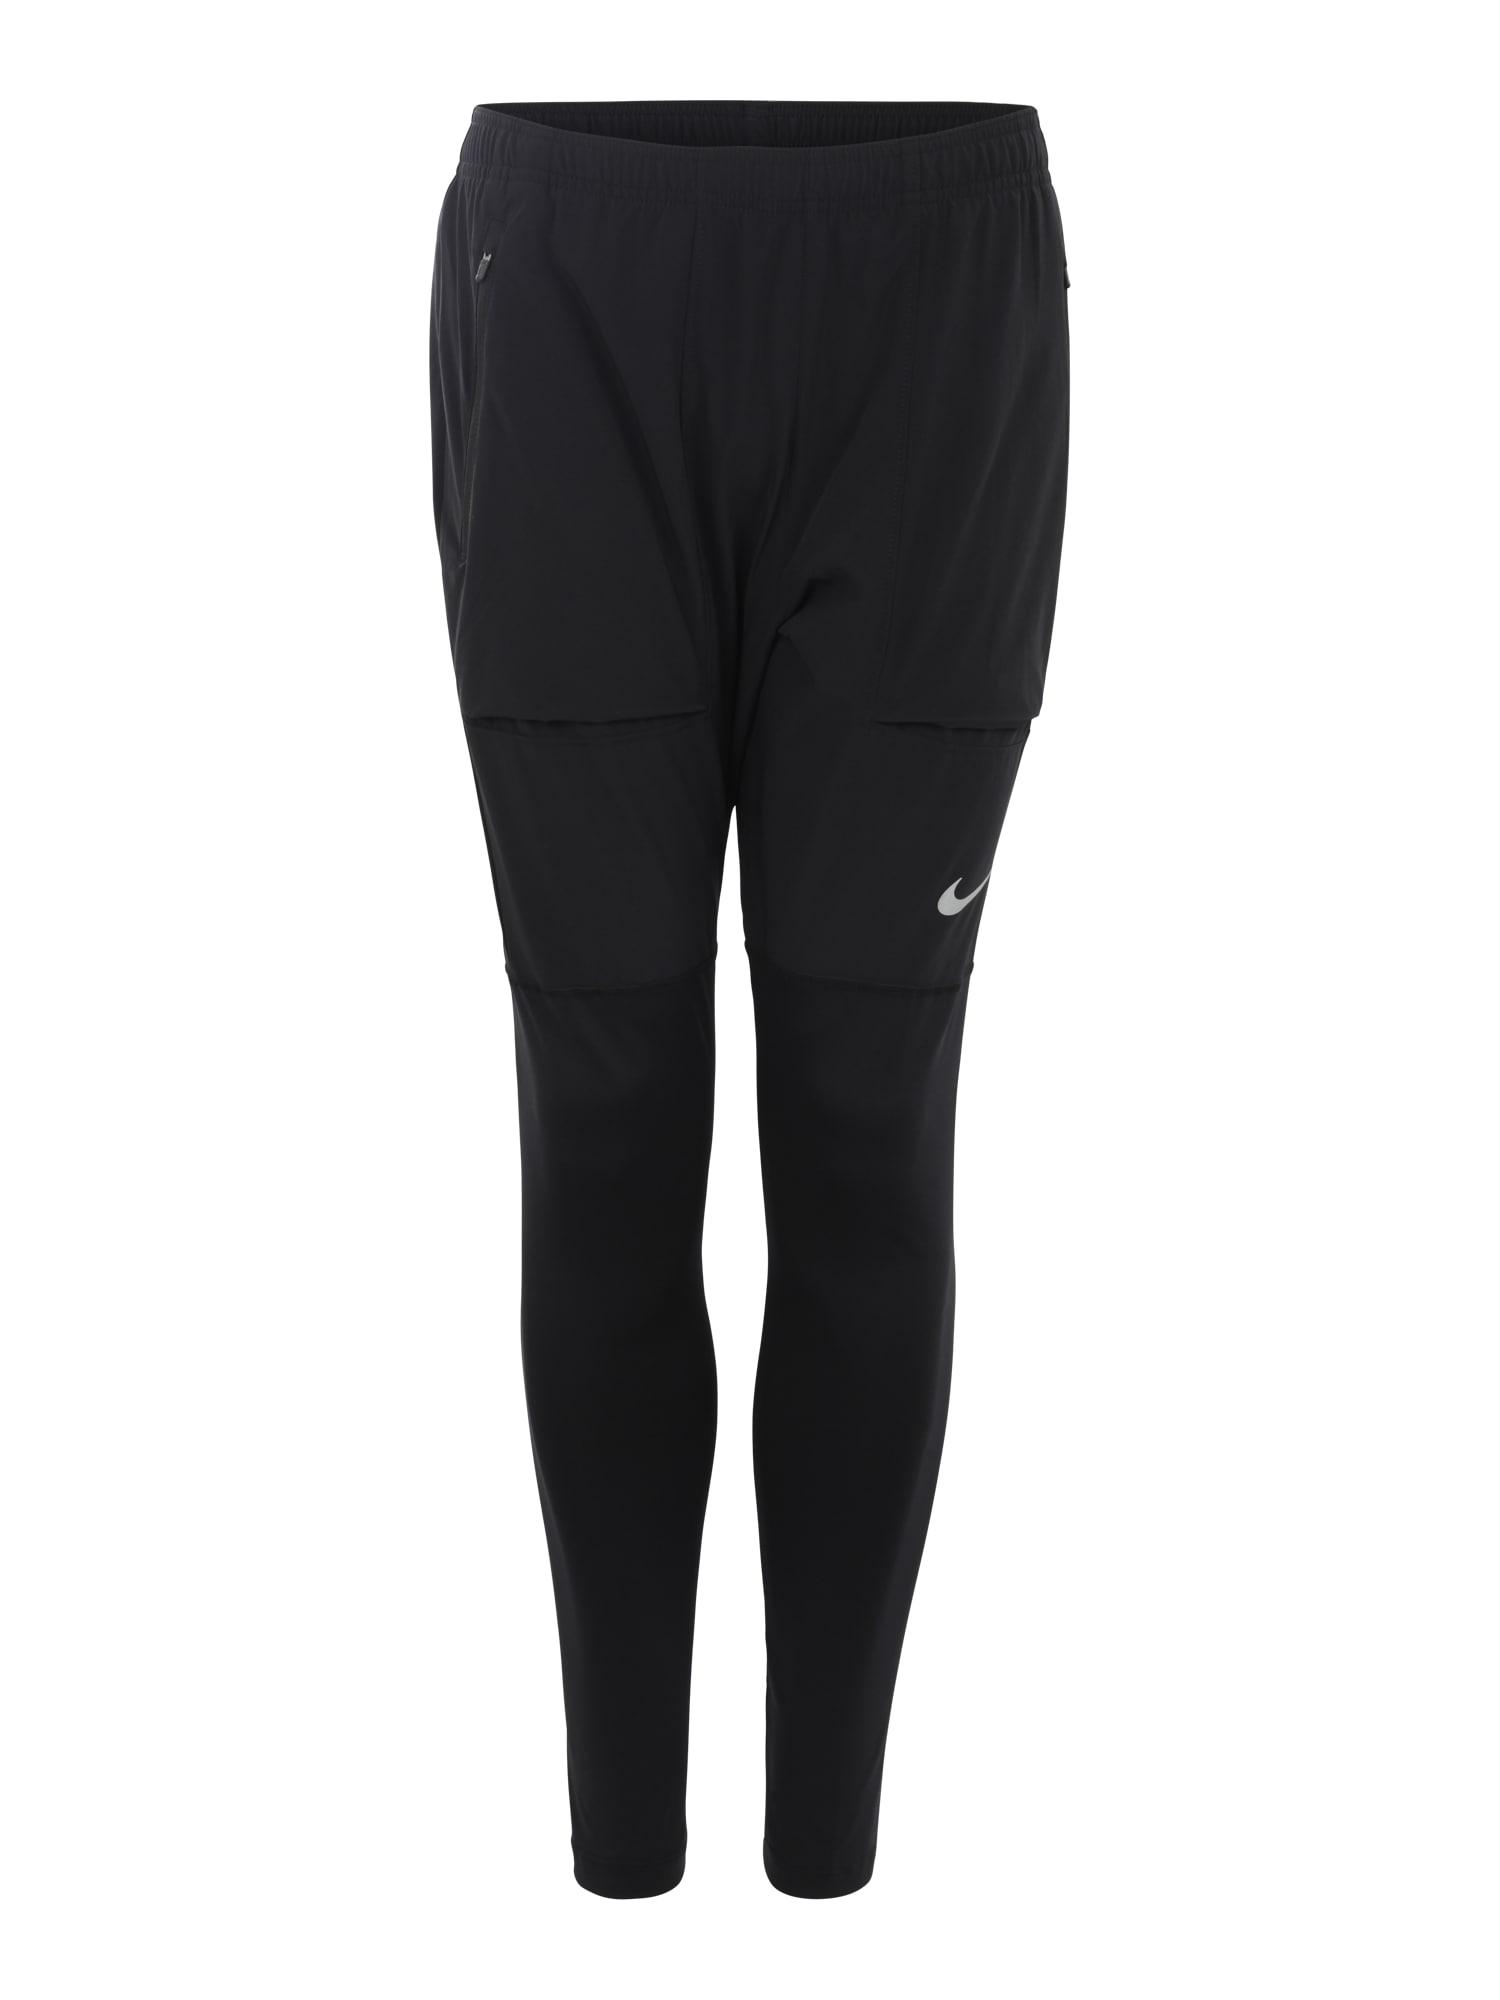 Sportovní kalhoty ESSENTIALS HYBRID PANT černá NIKE